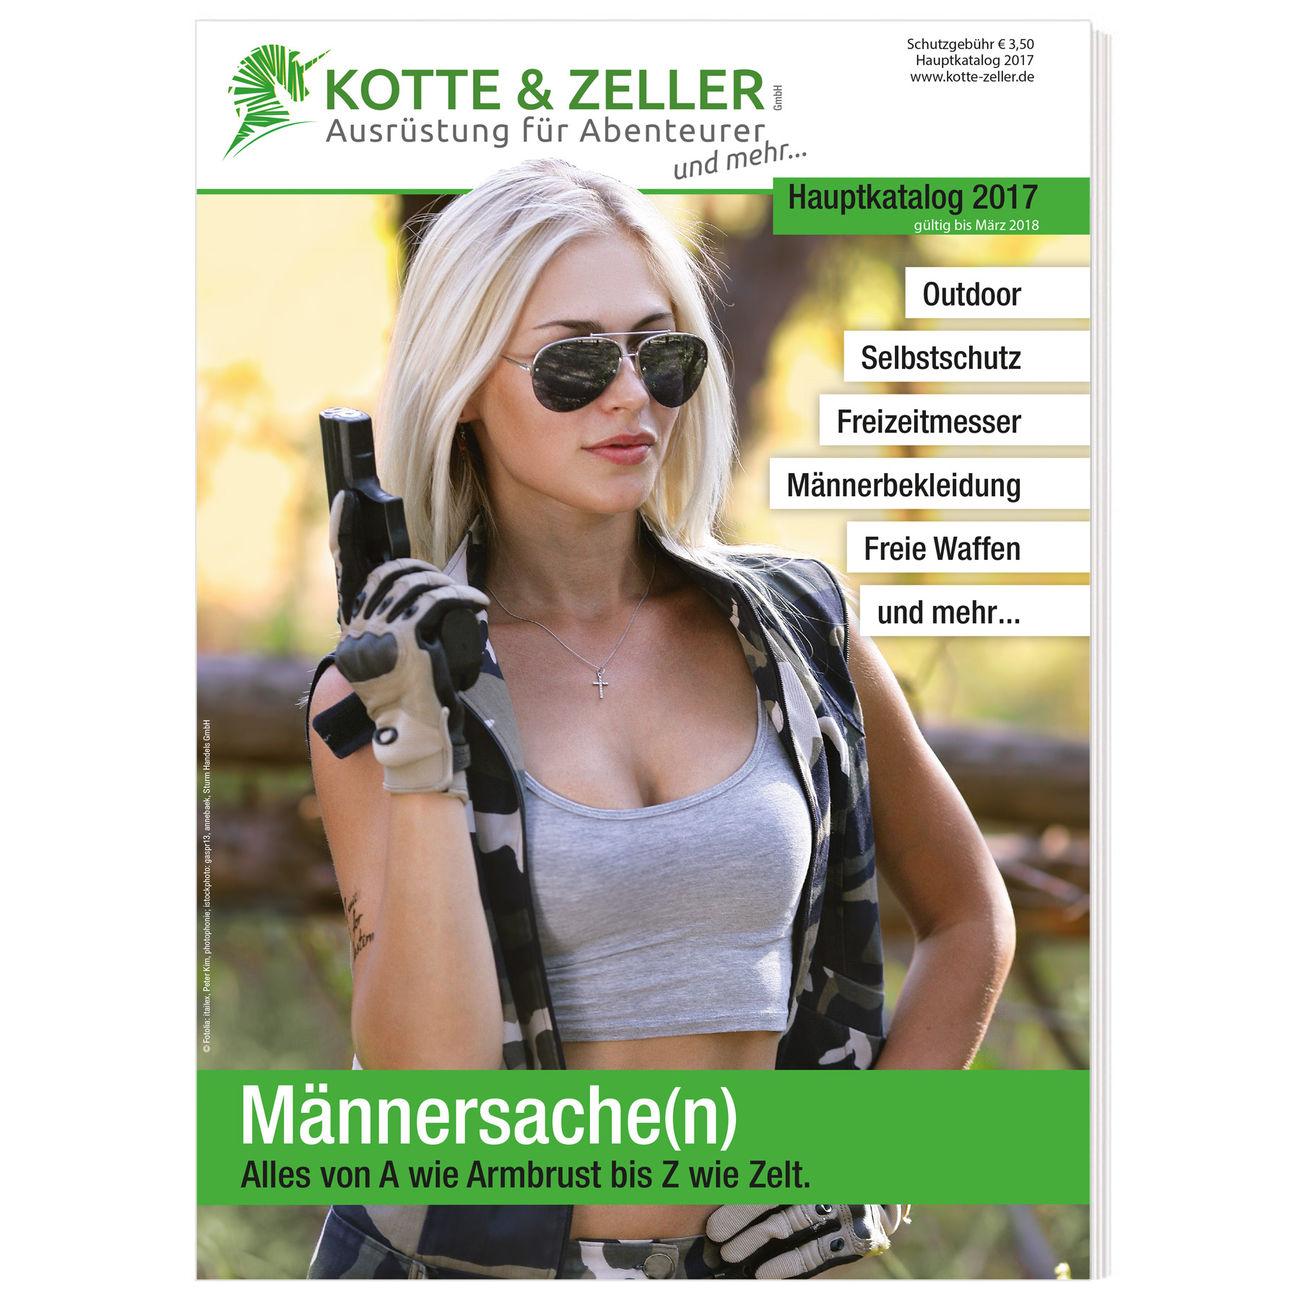 Kotte Zeller Gutschein 2019